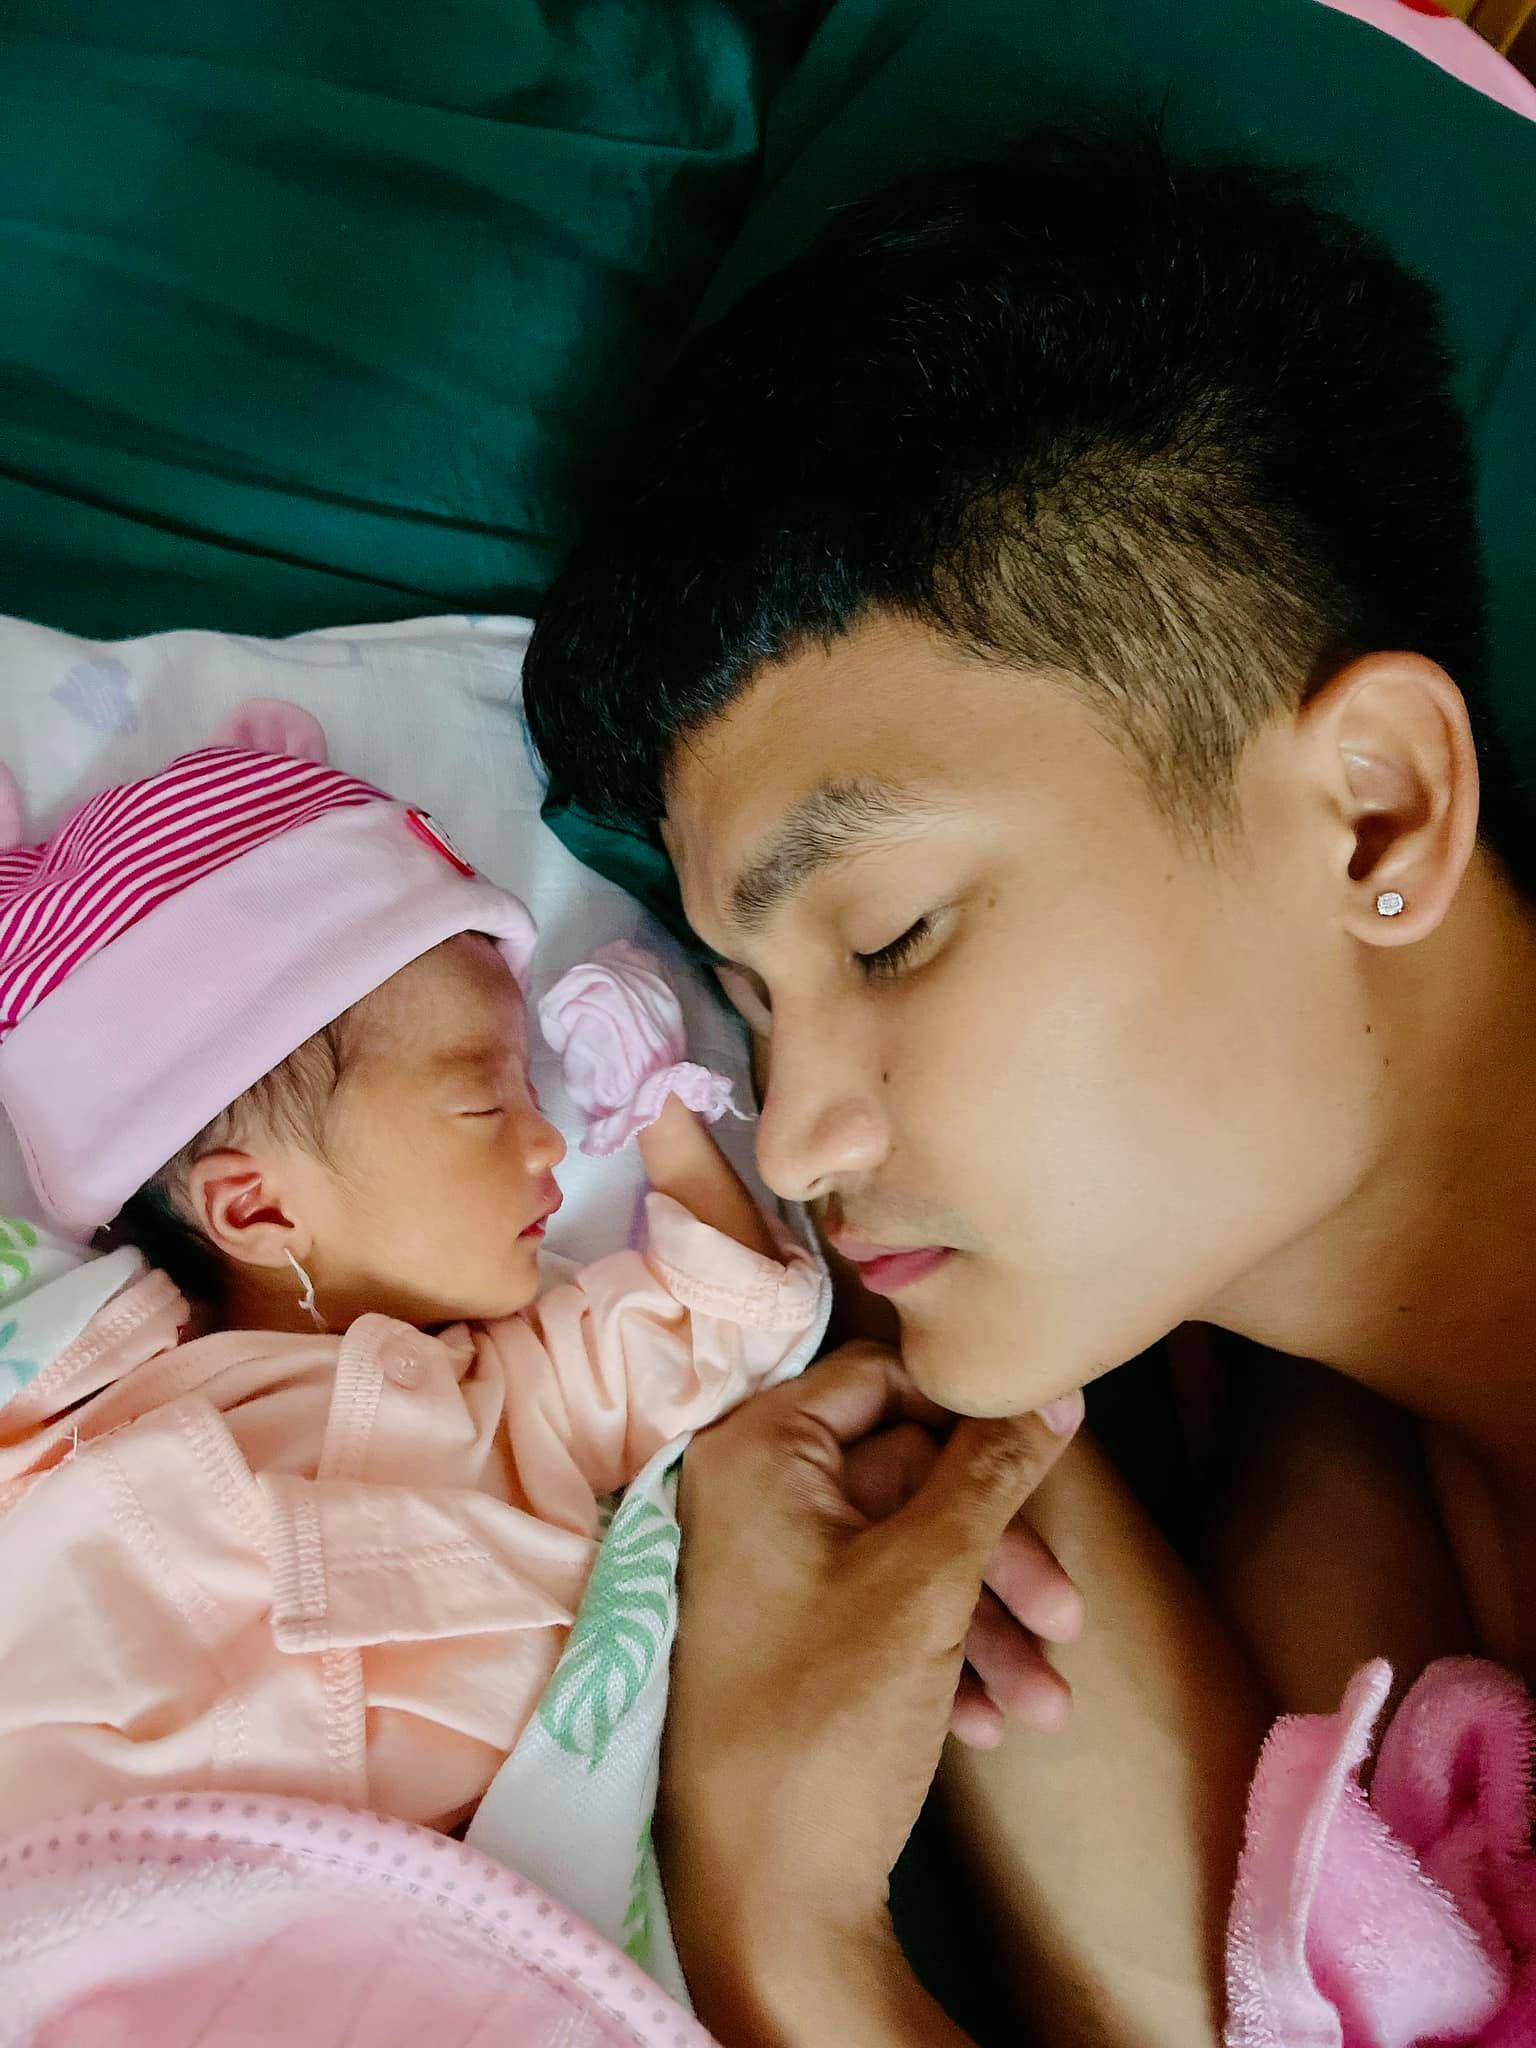 Mạc Văn Khoa giới thiệu con gái mới sinh Mạc Linh Đan